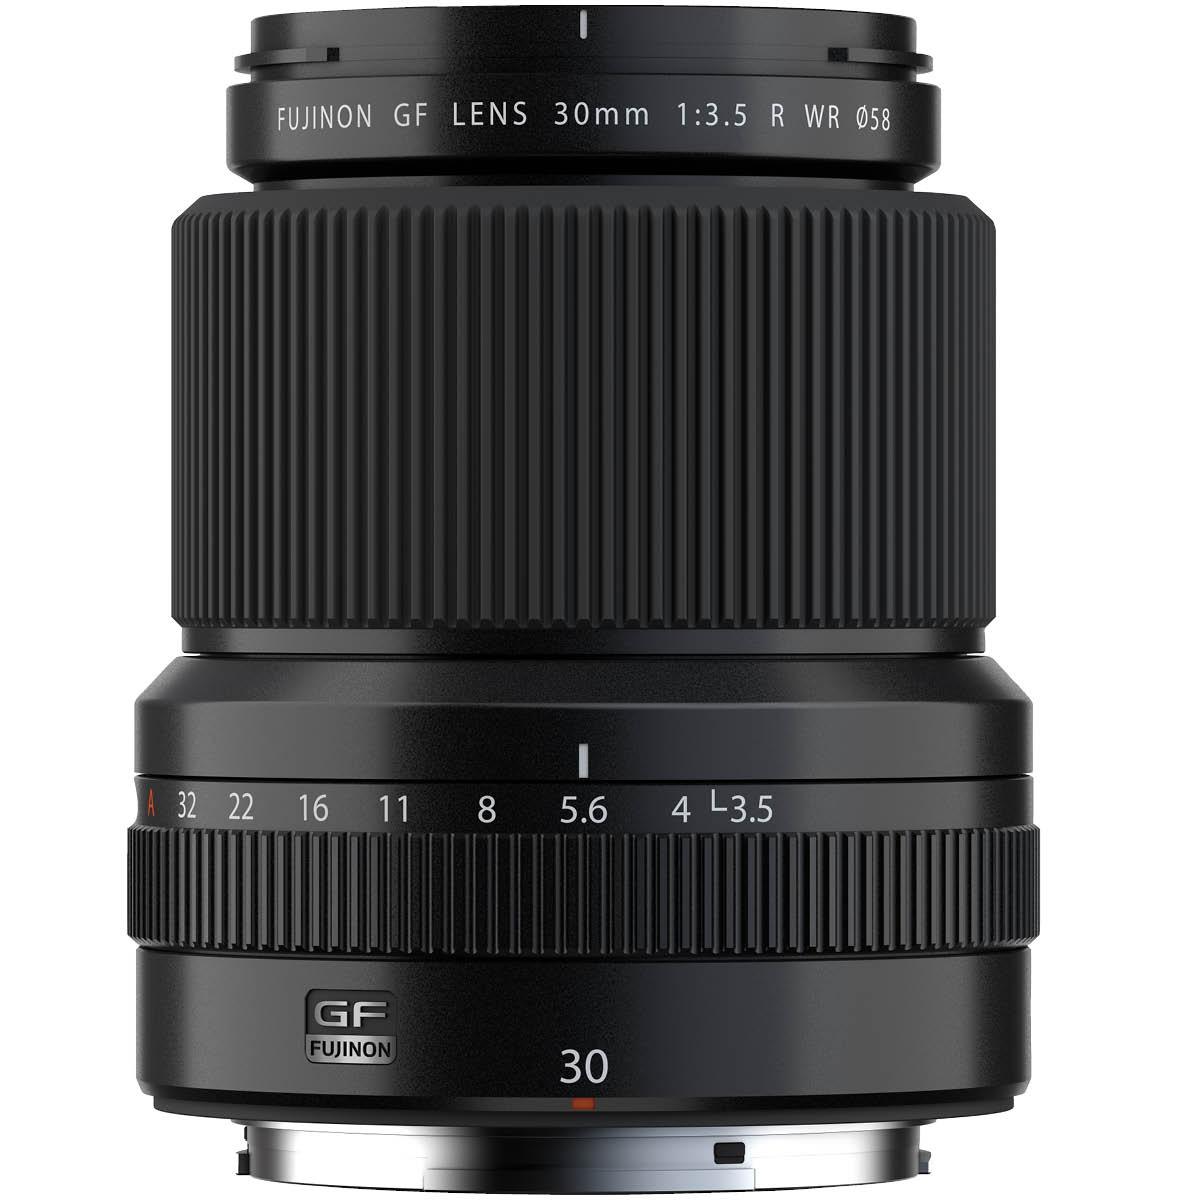 Fujifilm GF 30 mm 1:3,5 R WR